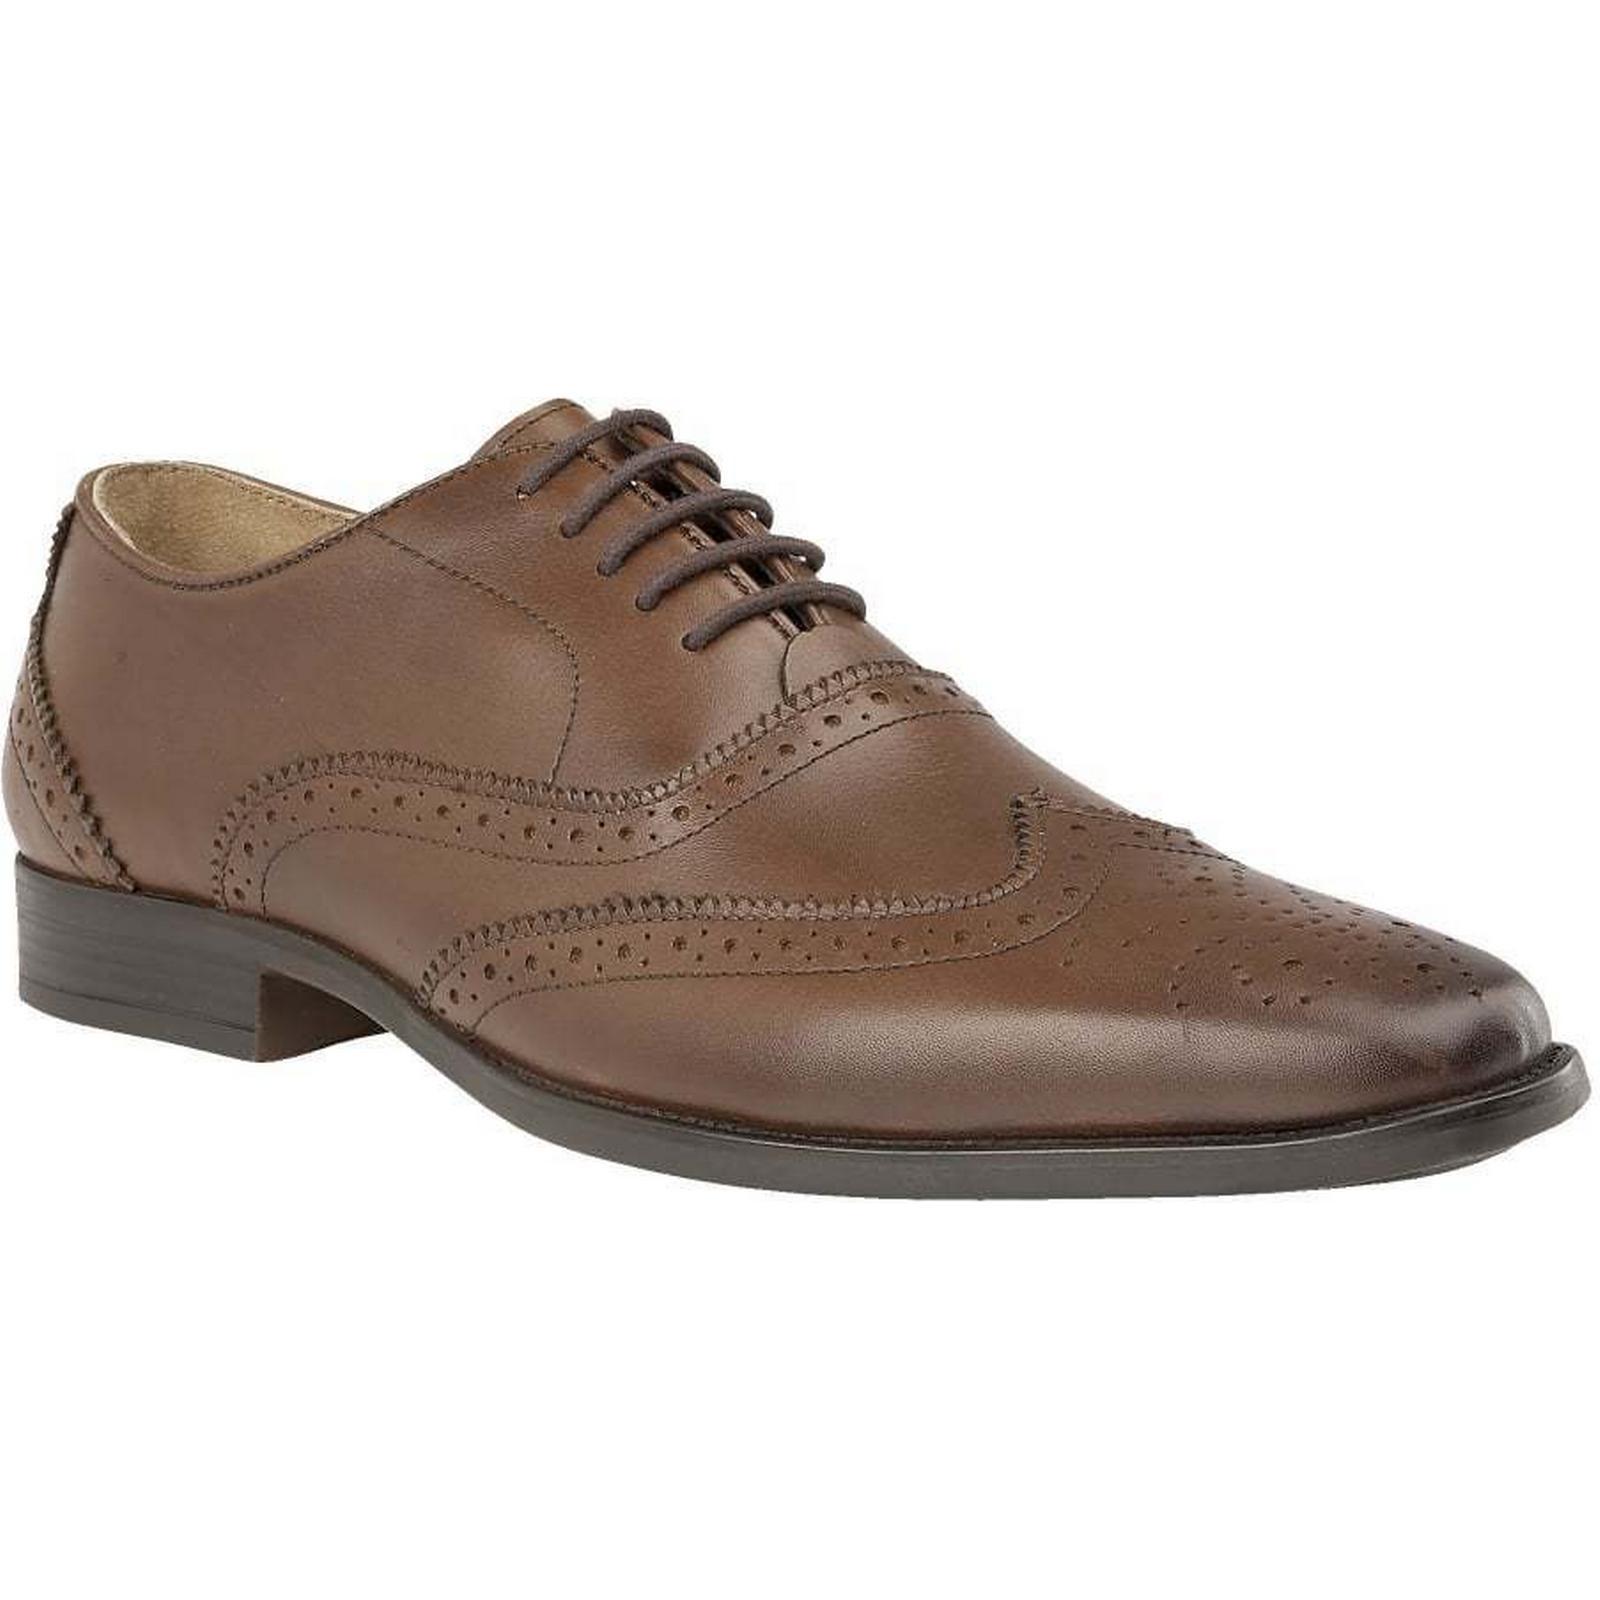 Lotus Bishop - - Bishop Brown Leather Size: 10 UK dc4a1f